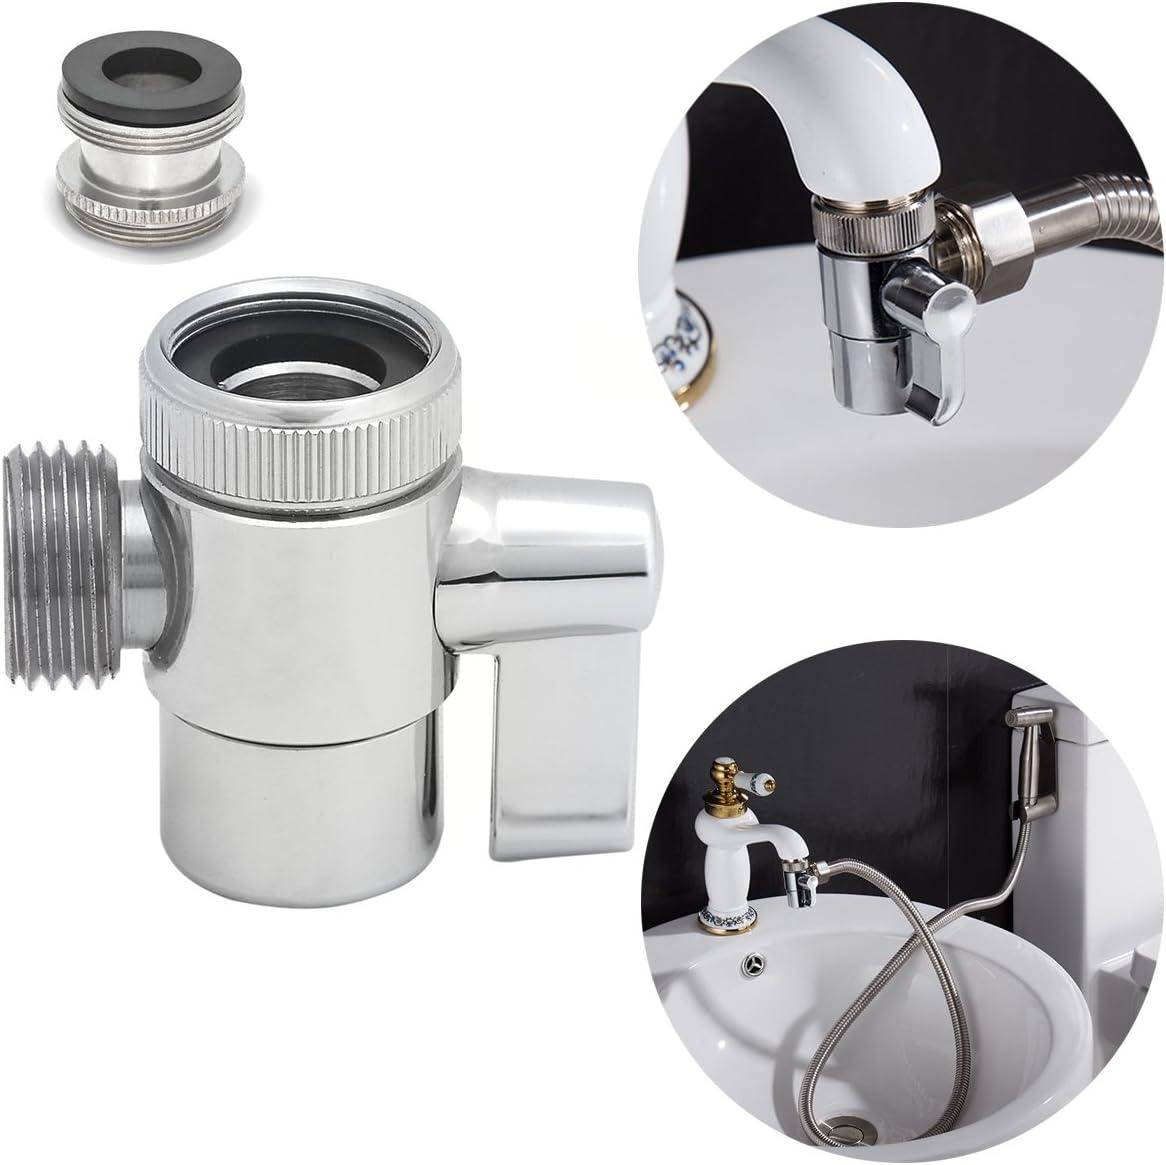 Ciencia SUS304 desviador de acero inoxidable para el grifo del fregadero de la cocina o grifo del fregadero del cuarto de baño Parte de repuesto del grifo SBA021